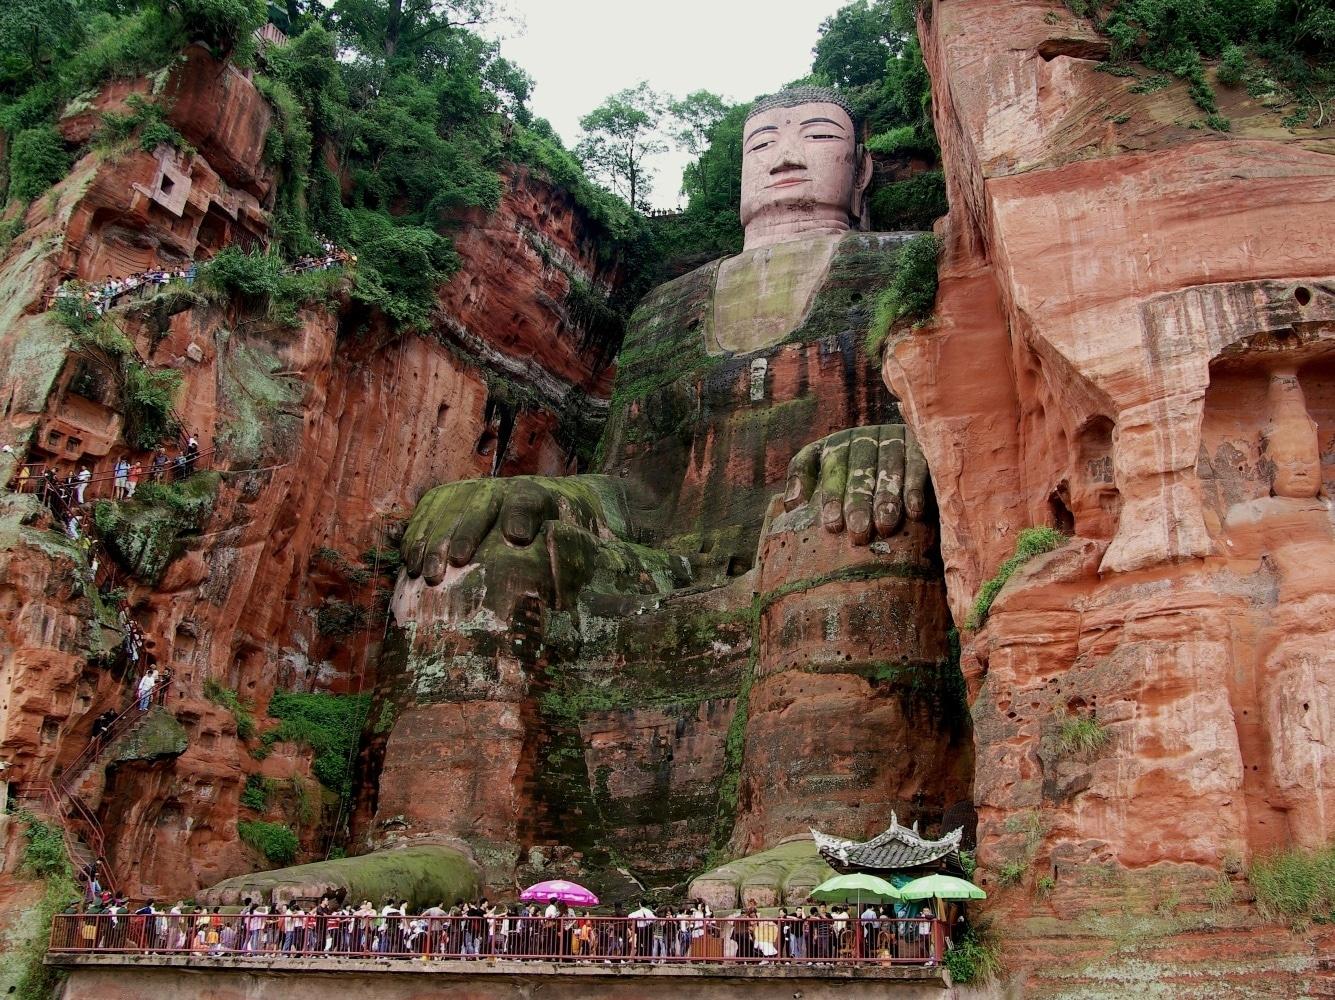 Marele Buddha, Leshan, China